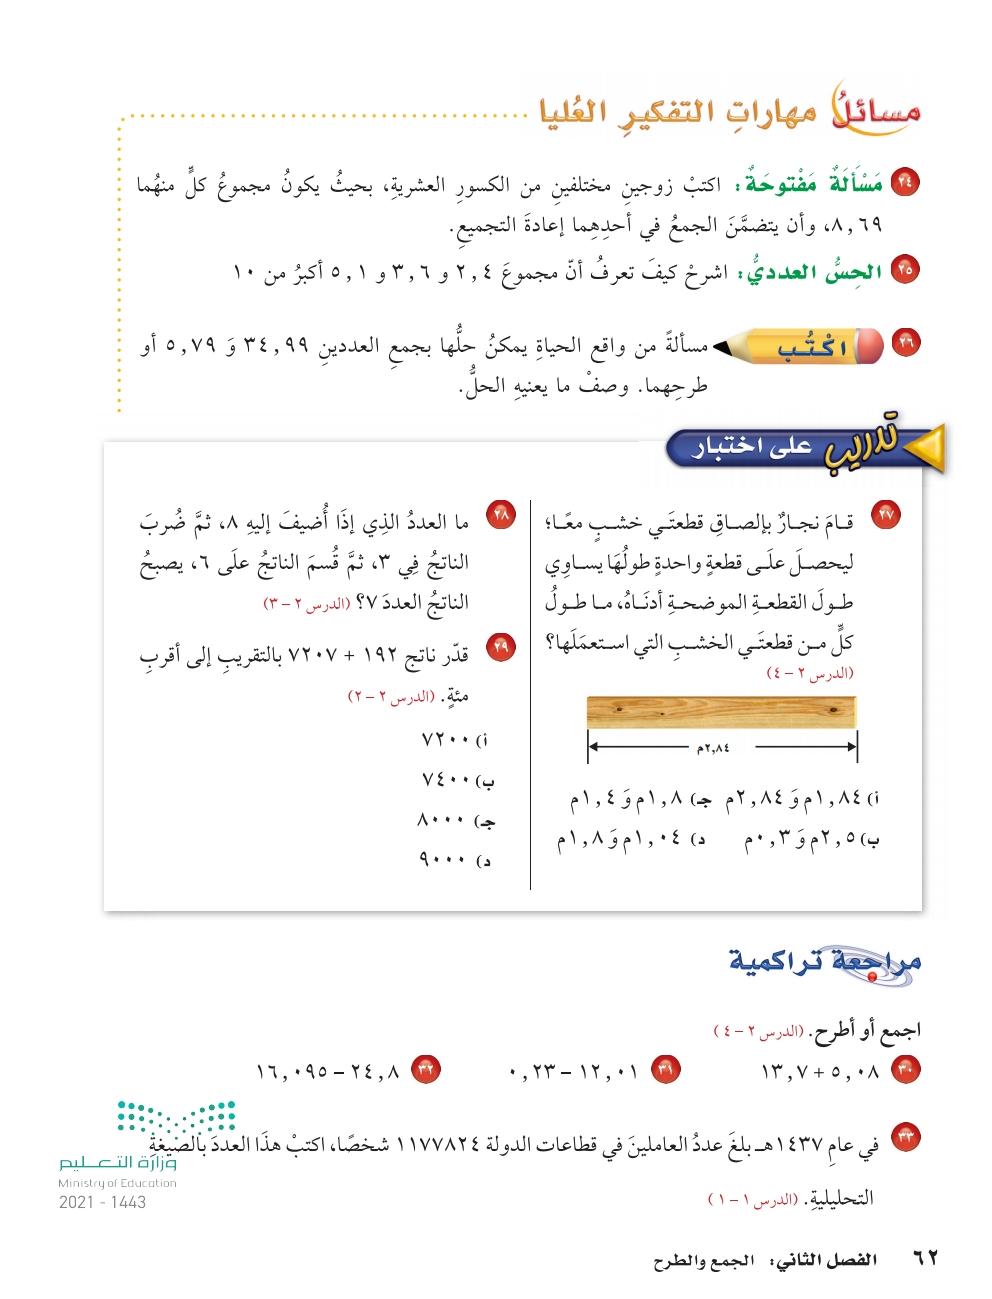 2-4 جمع الكسور العشريه وطرحها